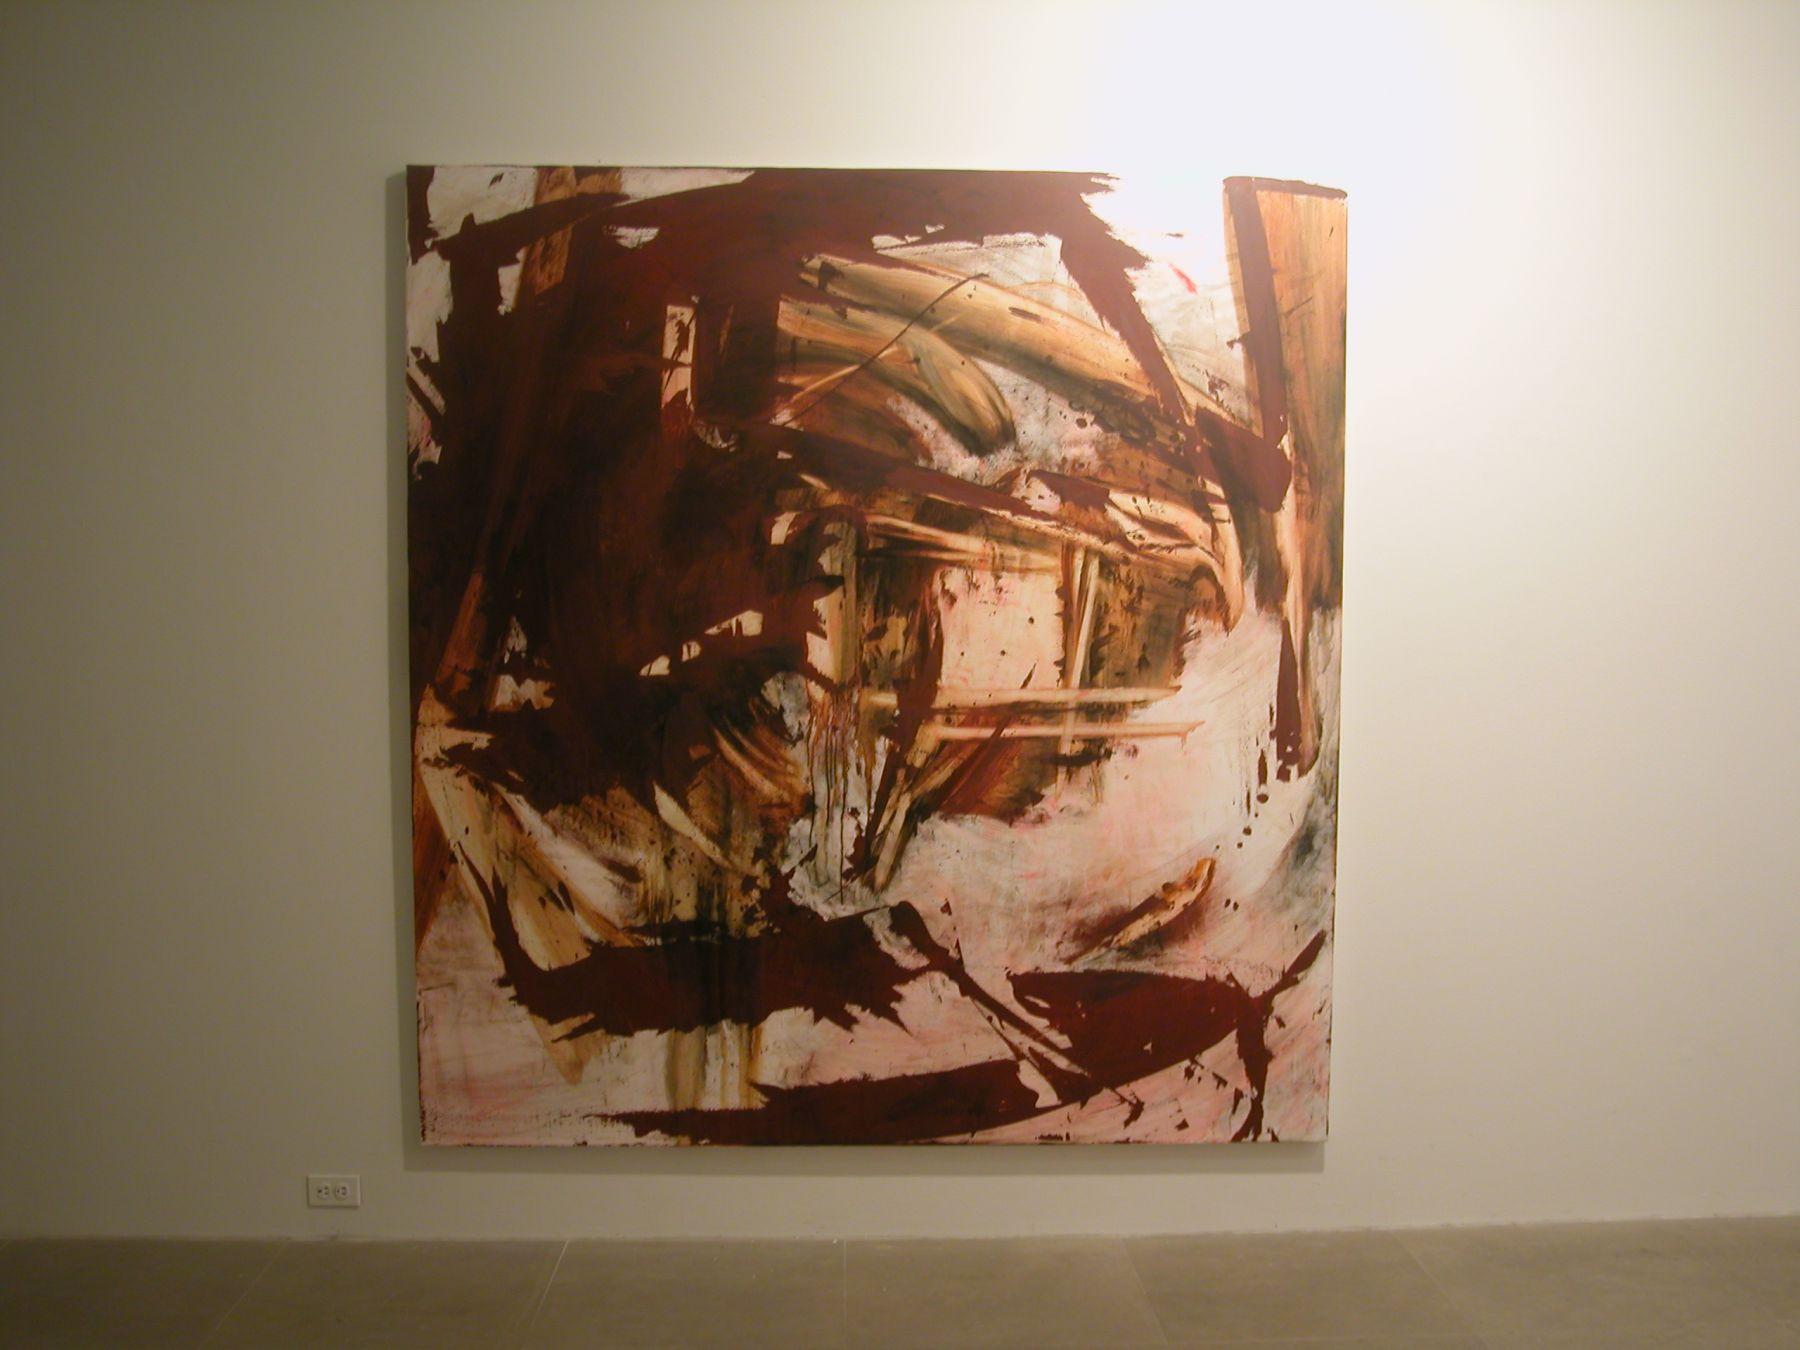 Charline von Heyl,  Defenster 2, 2004,  oil on canvas,  82 x 78 inches